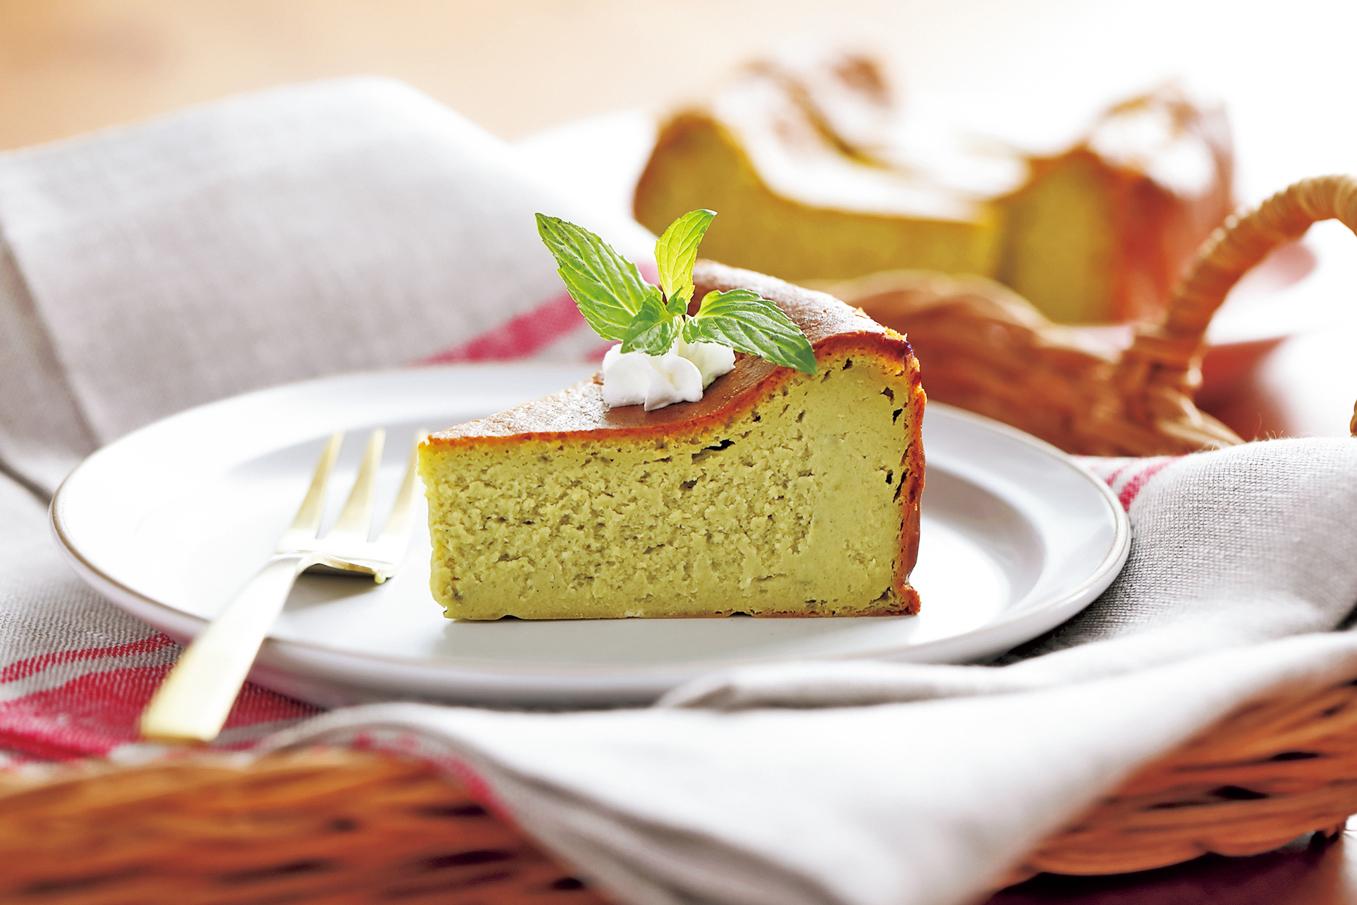 ユーグレナグリーンパウダーでチーズケーキ